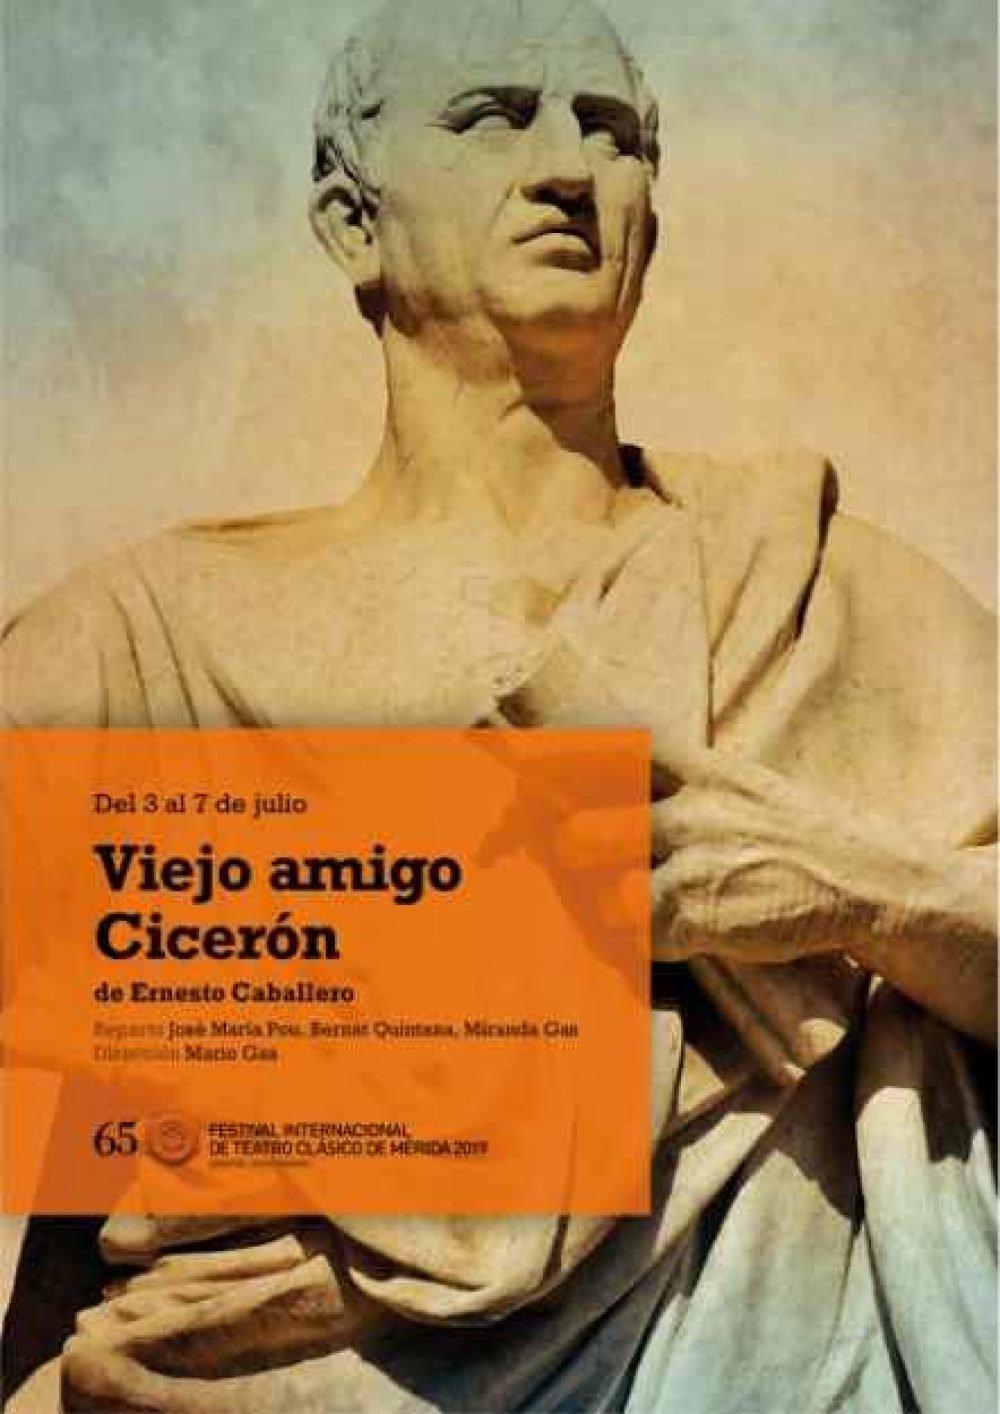 Viejo amigo Cicerón. Festival Internacional de Teatro Clásico de Mérida